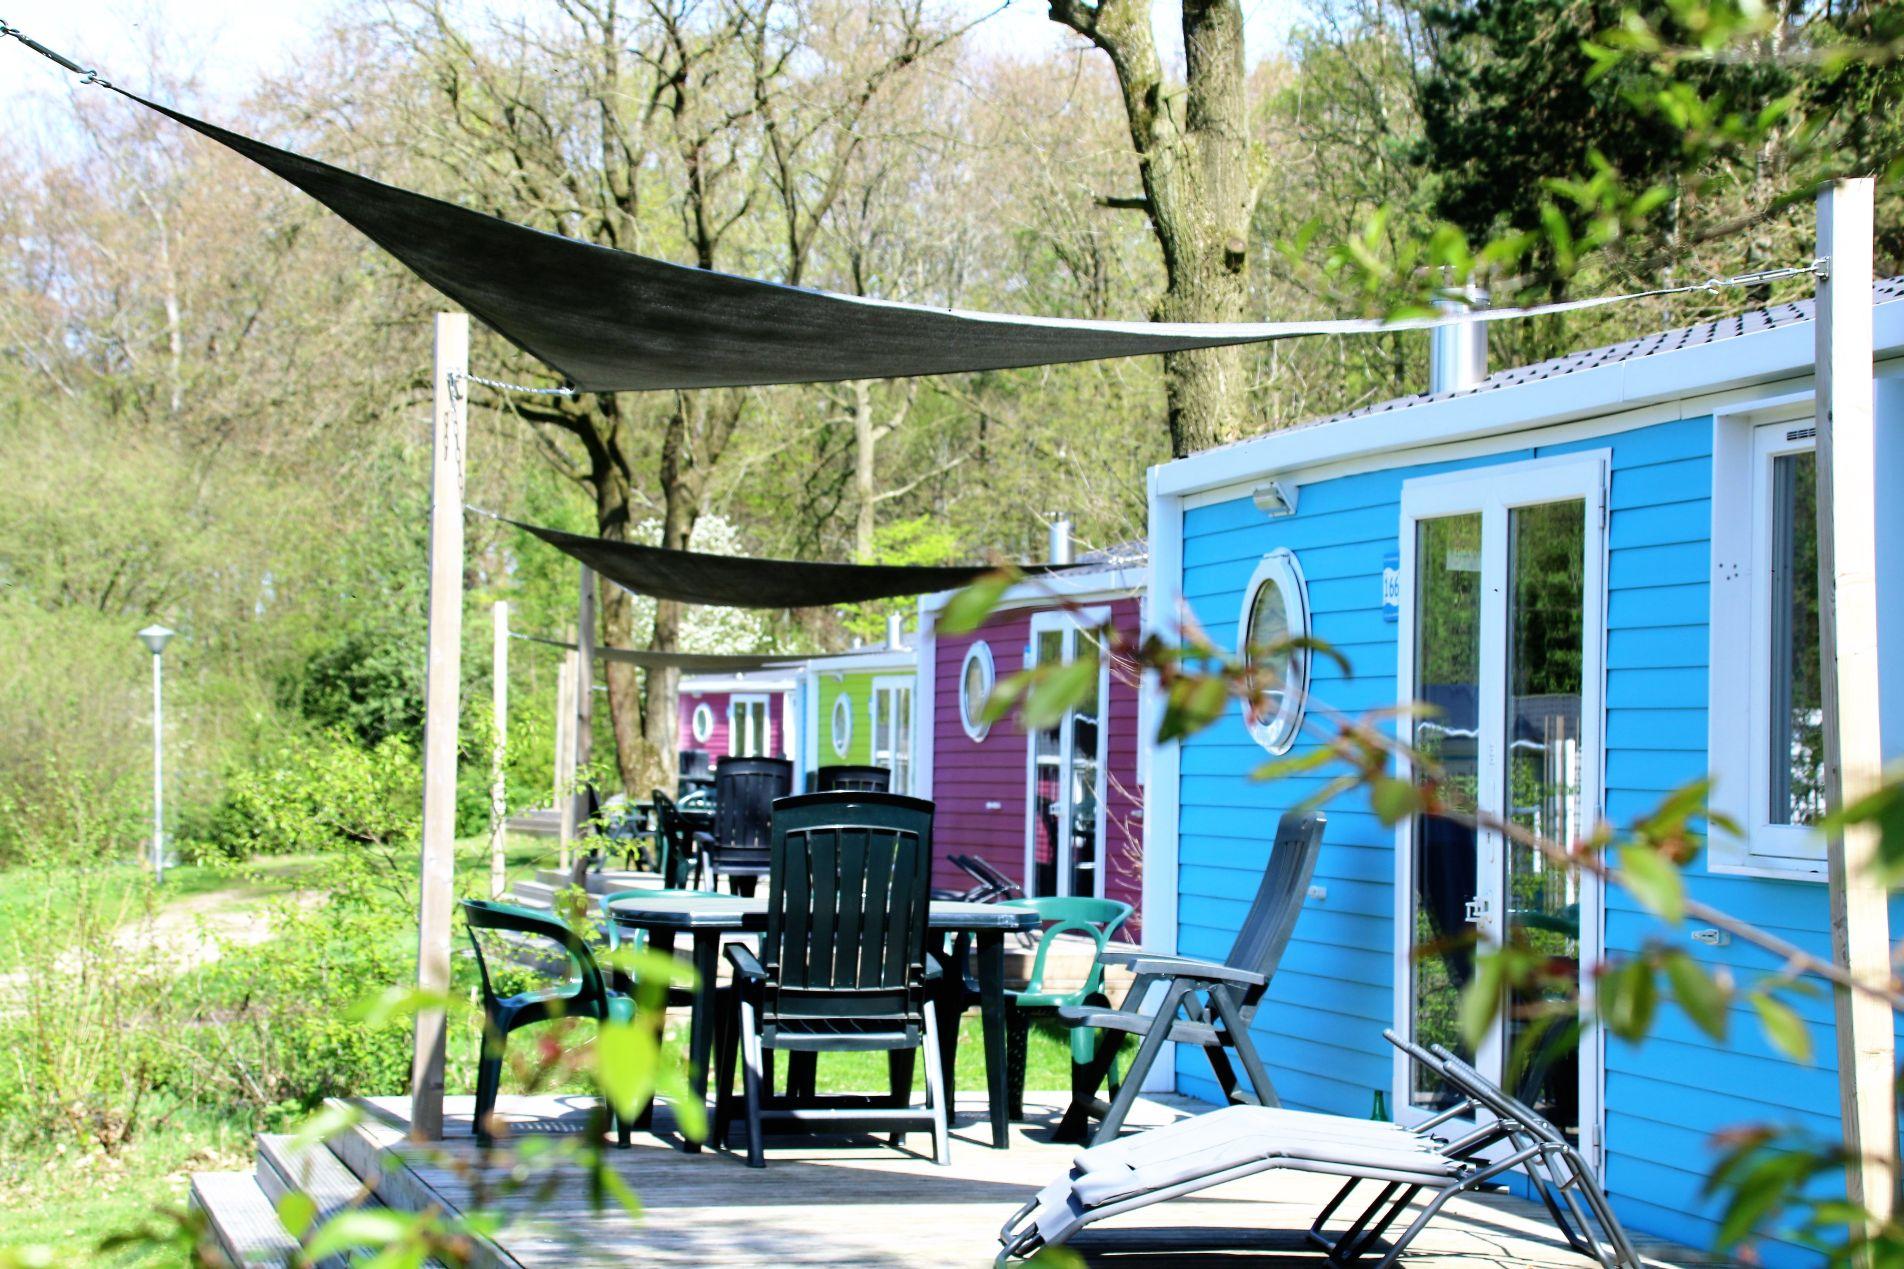 Stacaravan huren in Overijssel bij vakantiepark Capfun het Stoetenslagh - Stacaravan huren in Overijssel NL